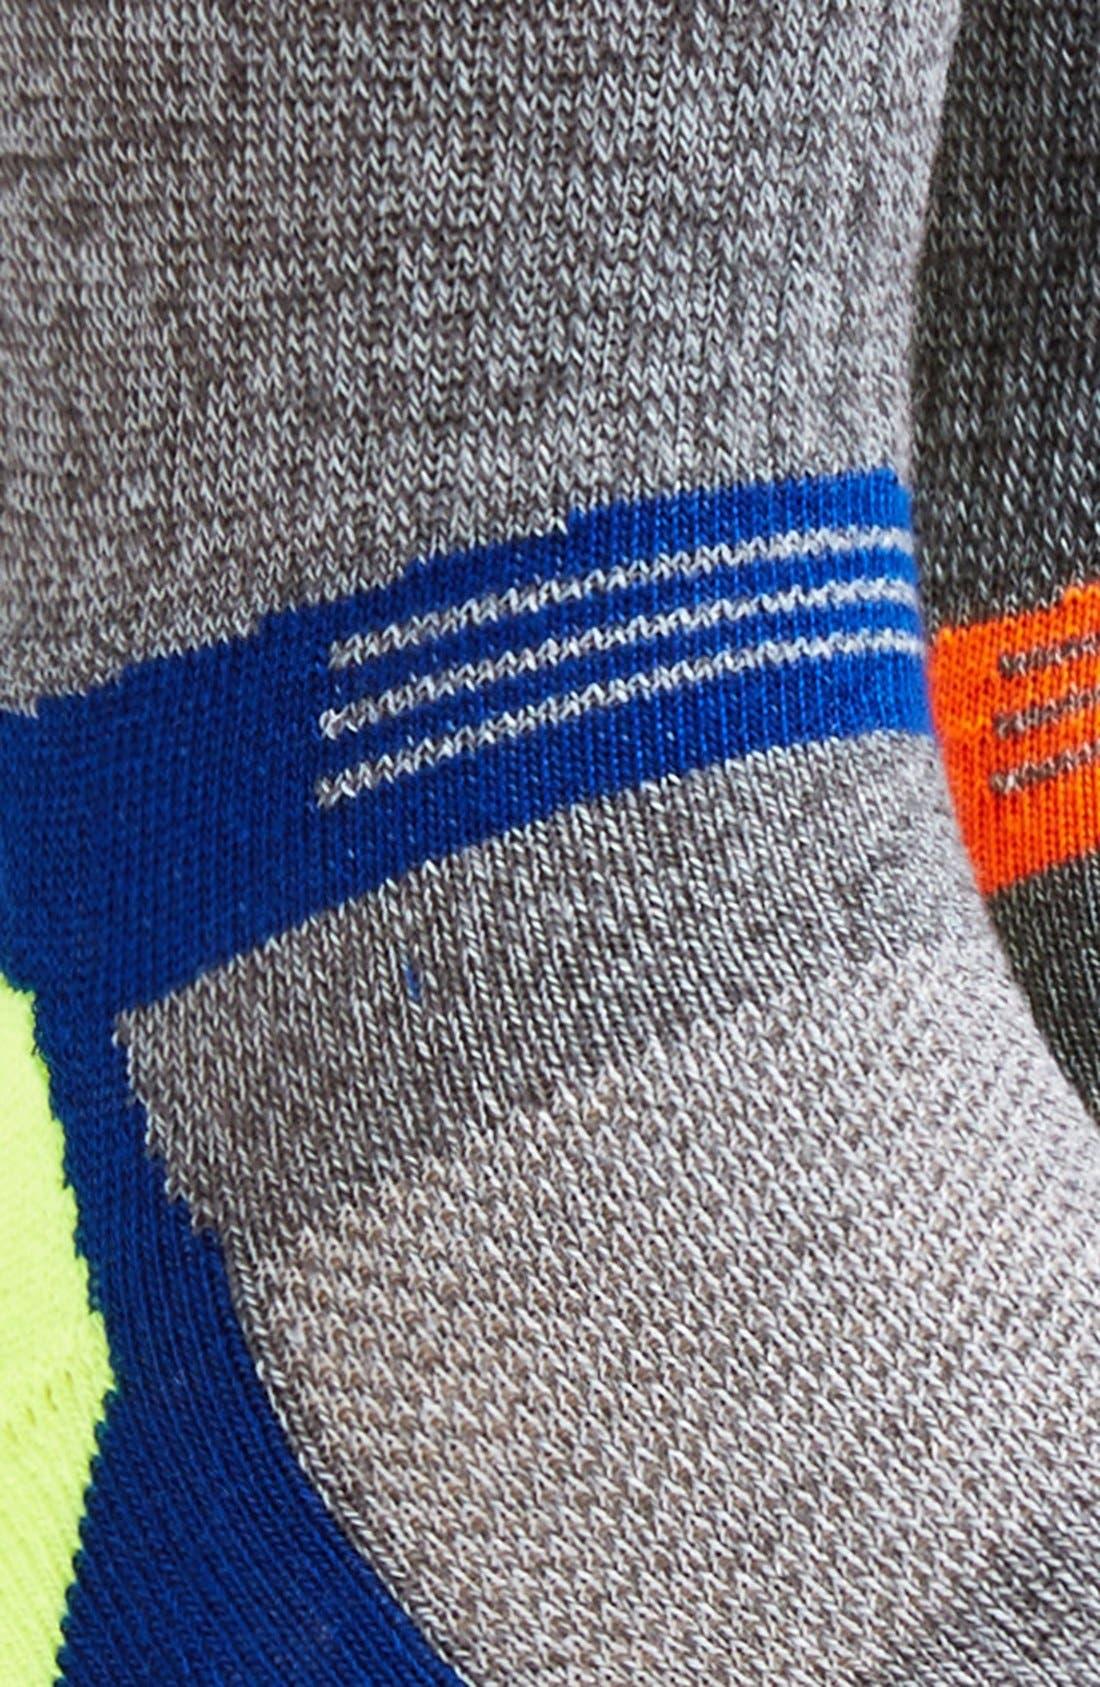 Alternate Image 2  - Polo Ralph Lauren Athletic Socks (Assorted 3-Pack)